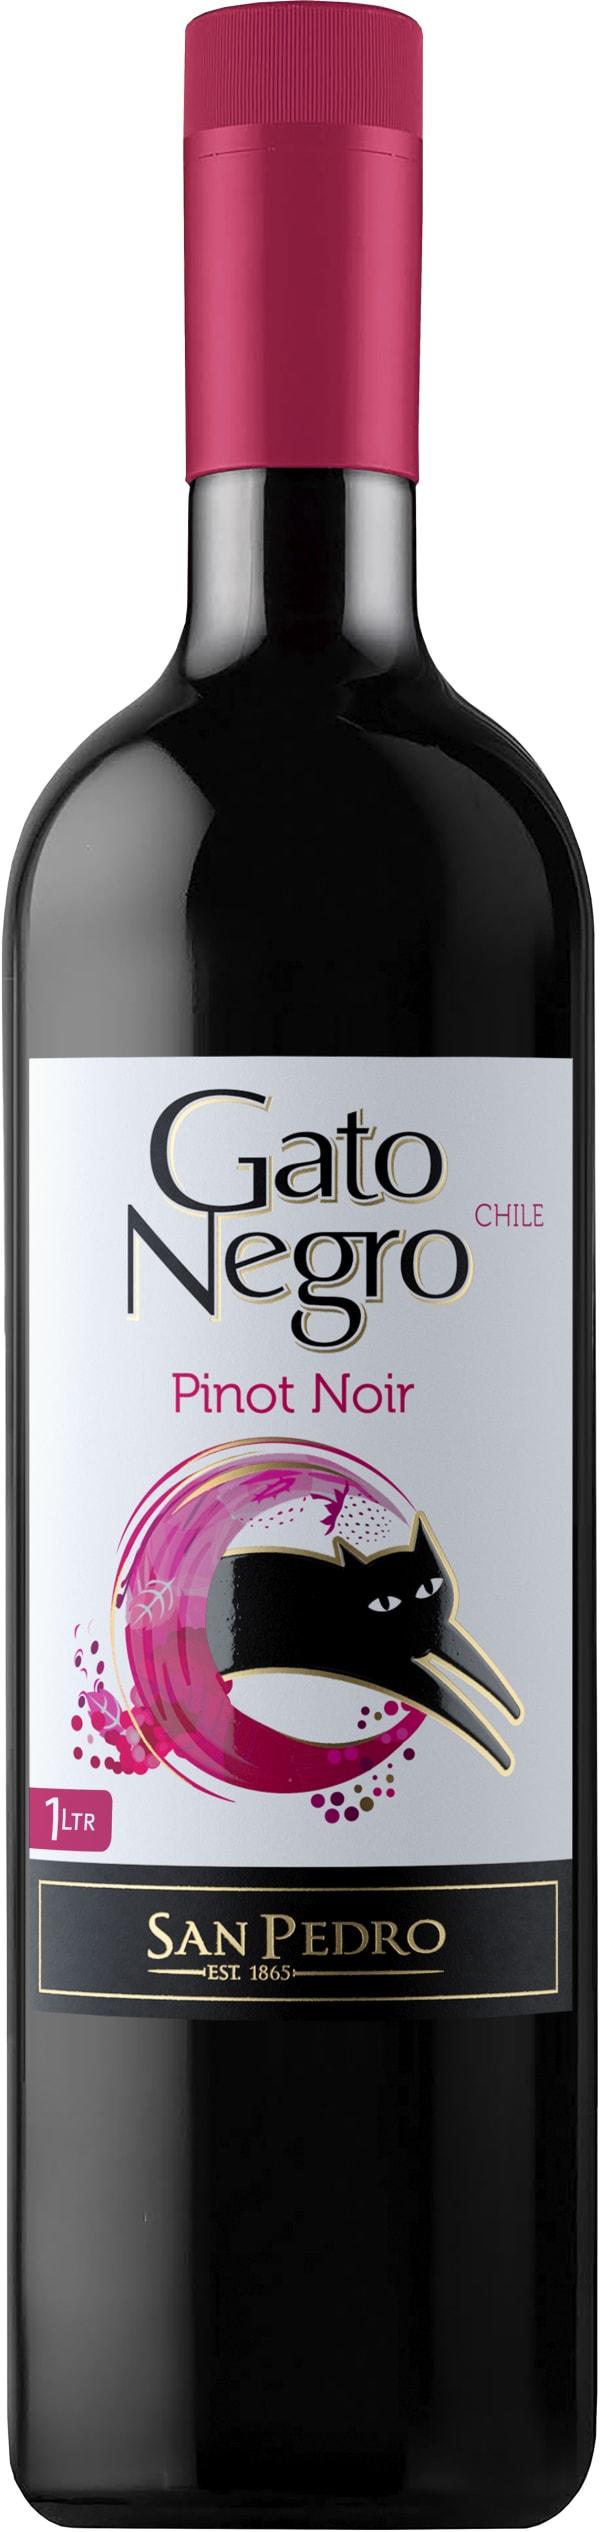 Gato Negro Pinot Noir 2017 plastic bottle